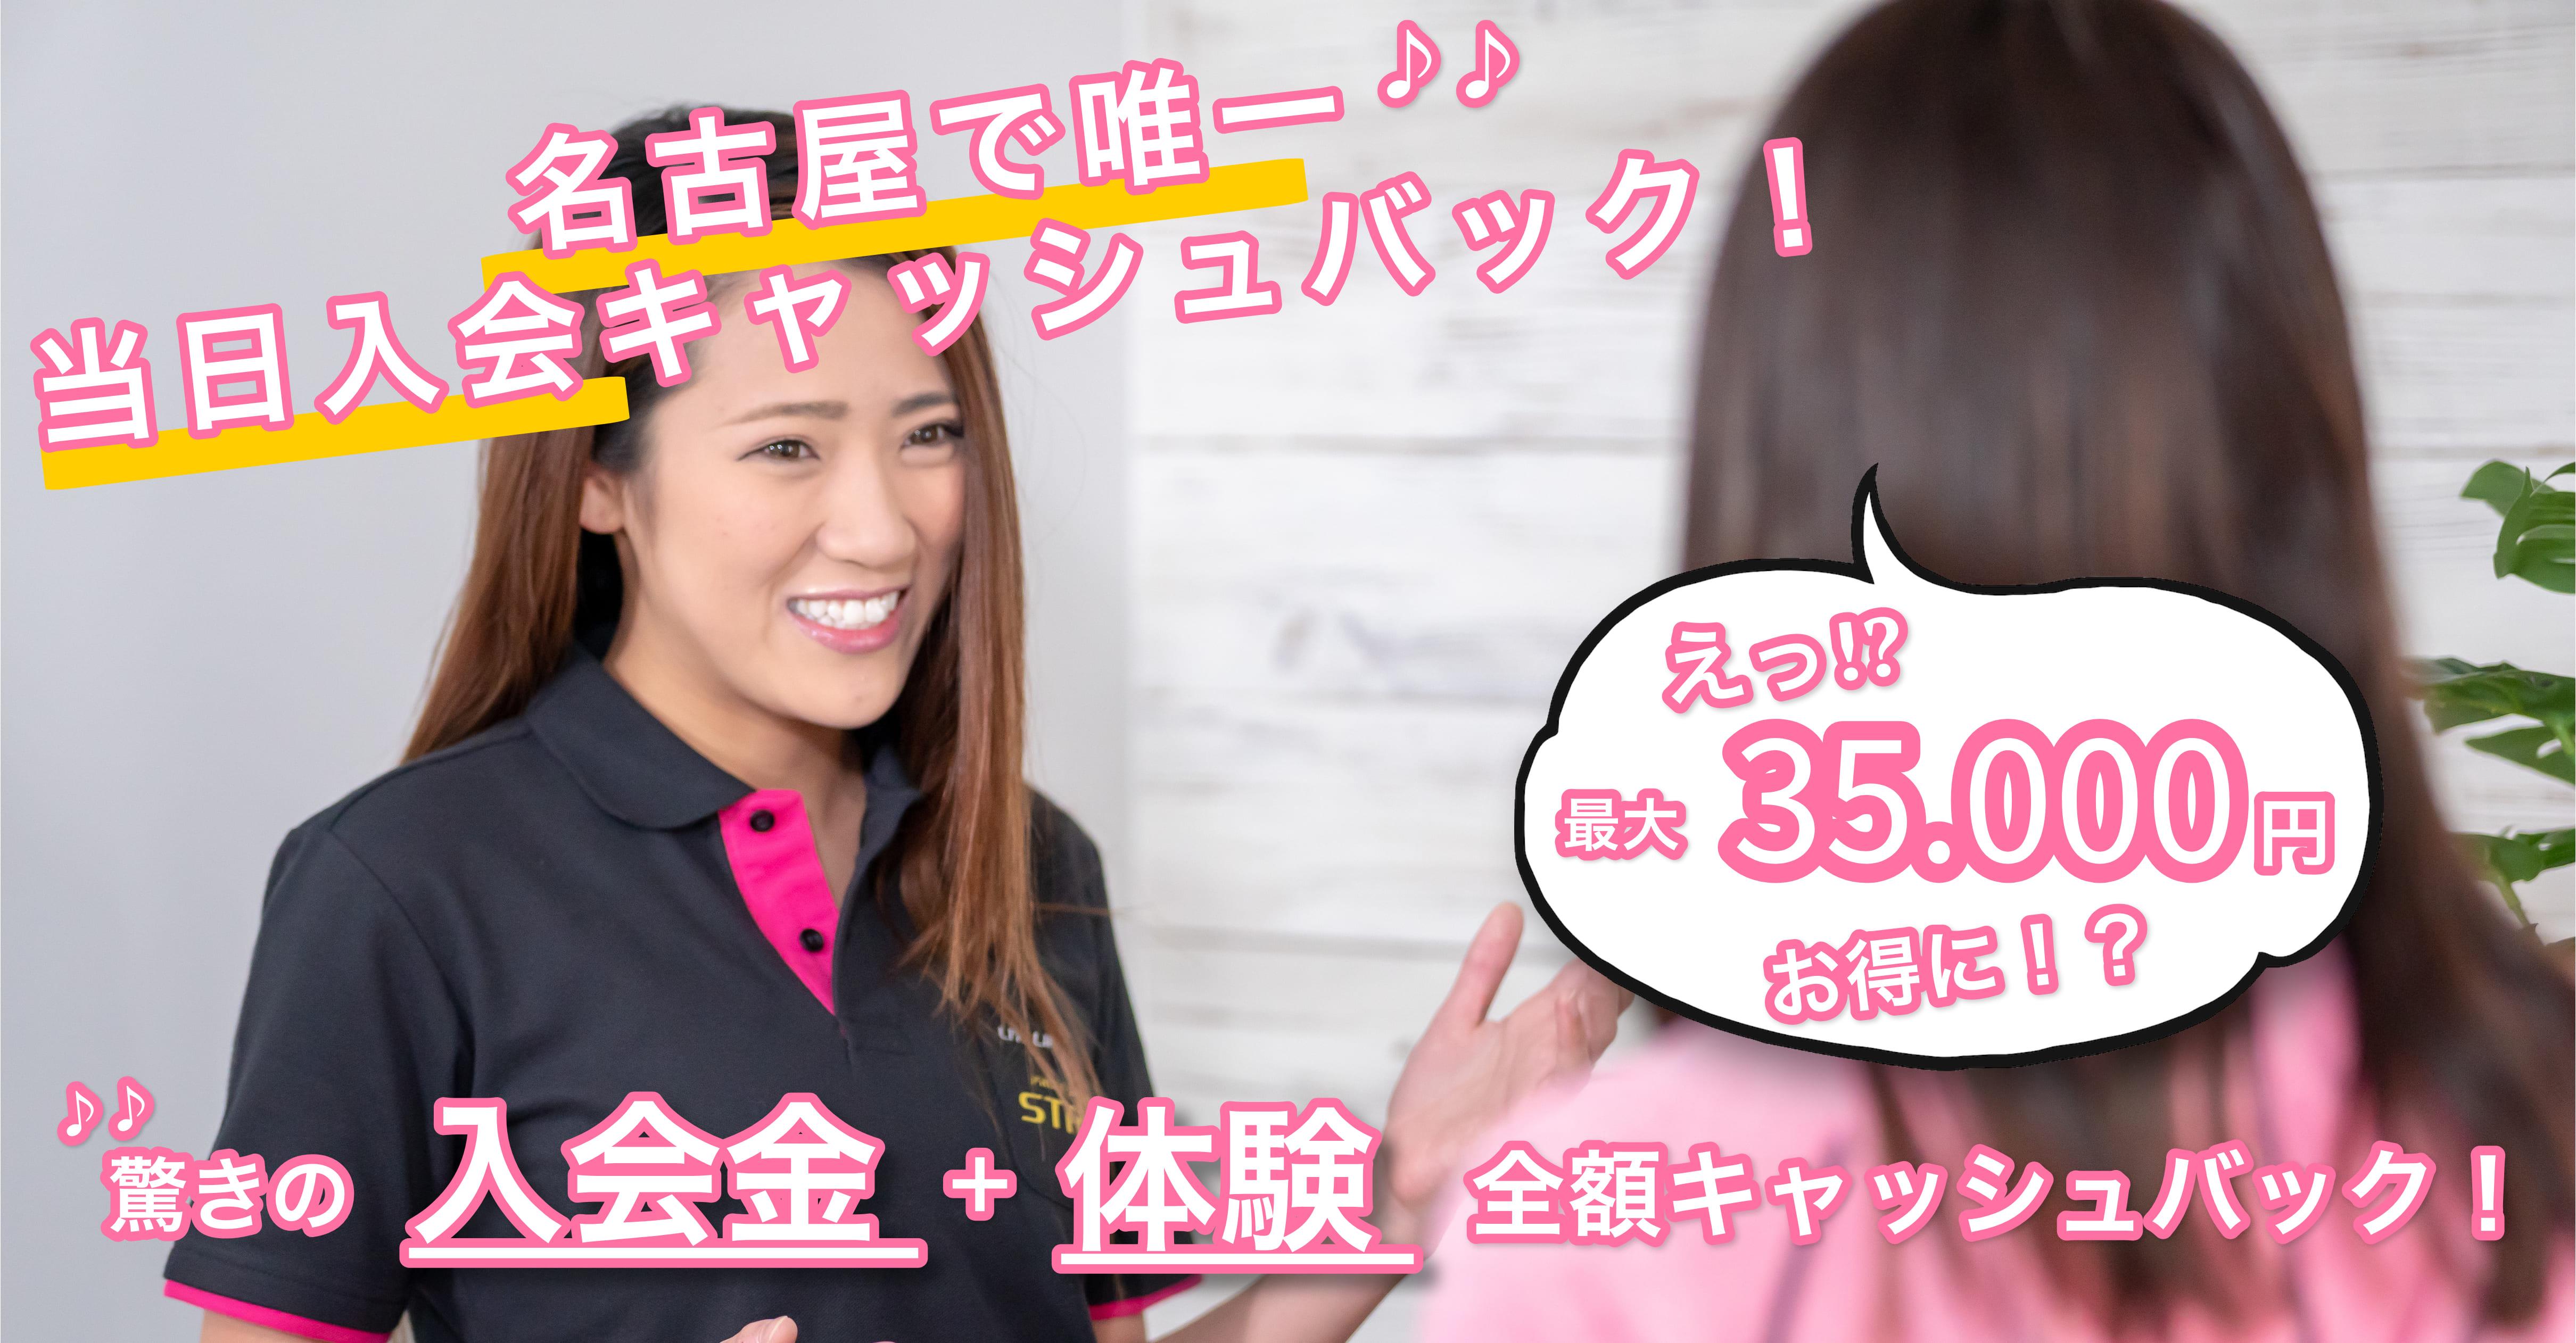 名古屋で唯一当日入会、入会金、パーソナル体験全額キャッシュバック!!